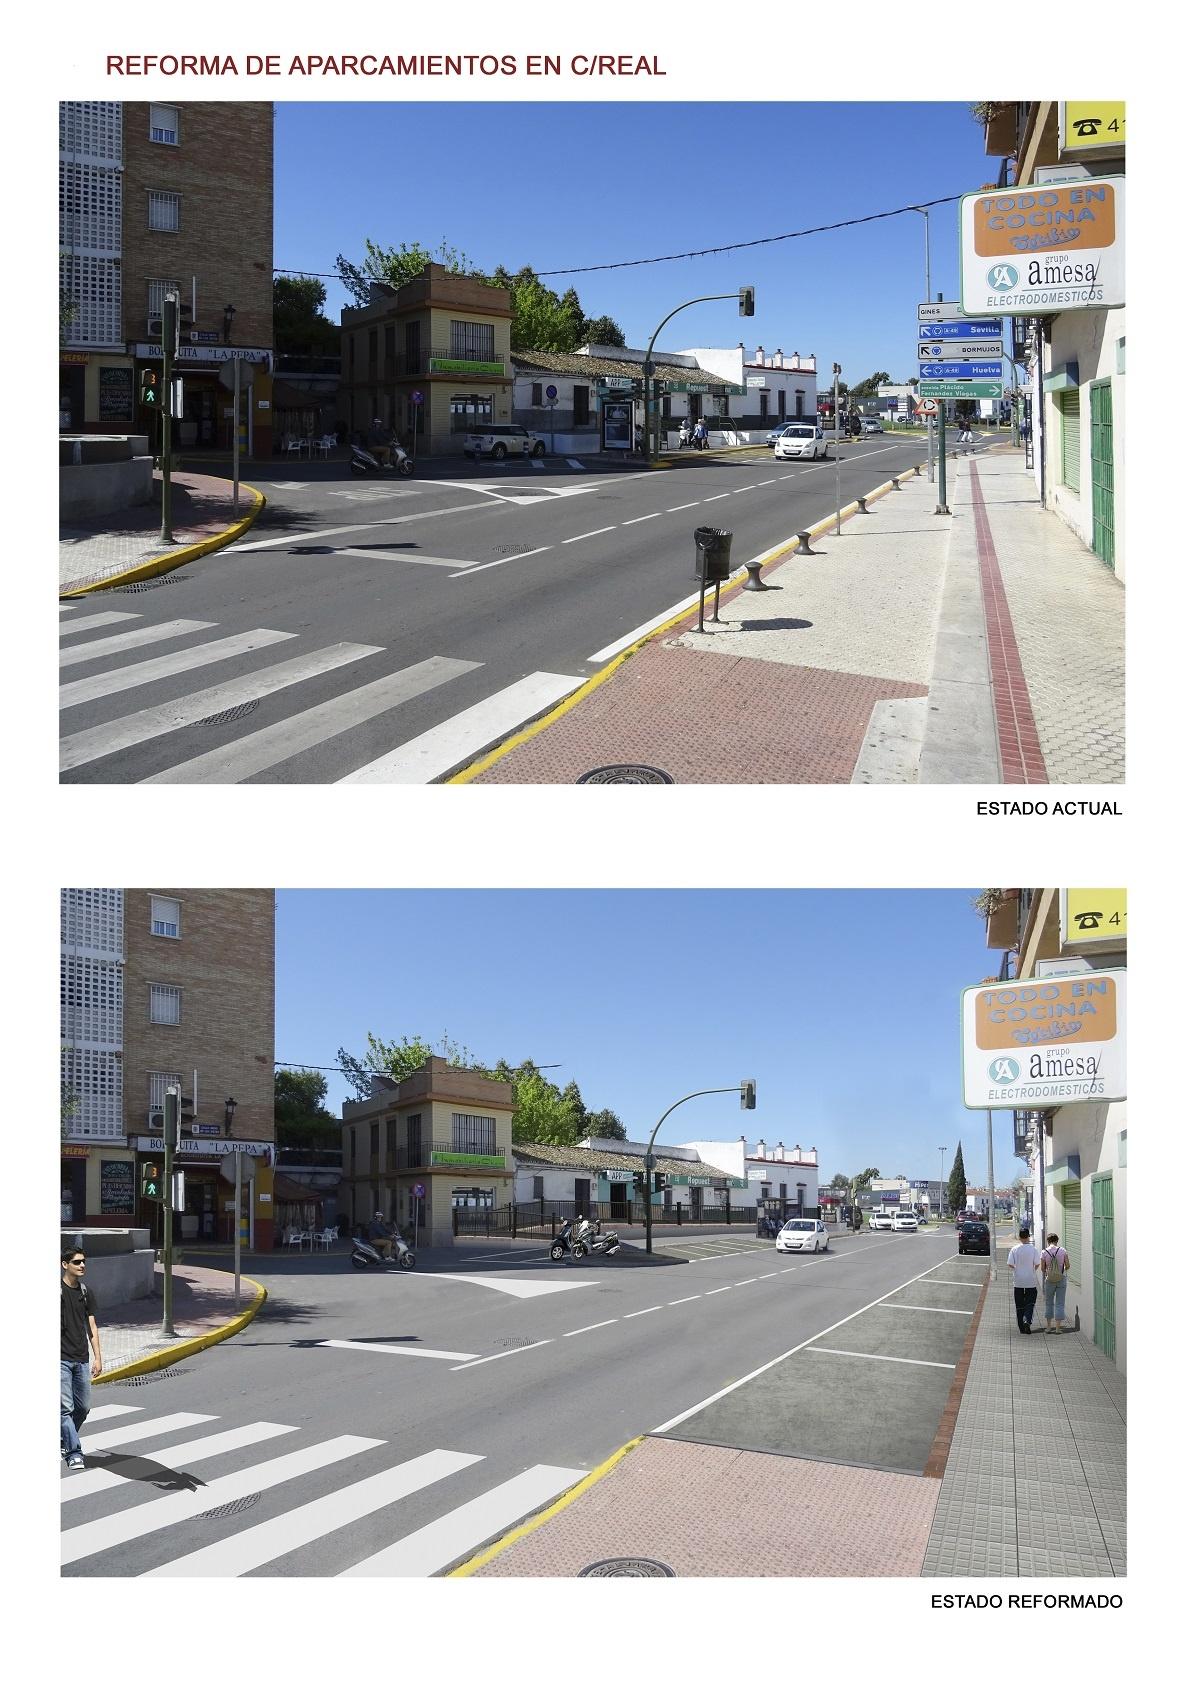 Antes_despues_aparcamientos Calle Real